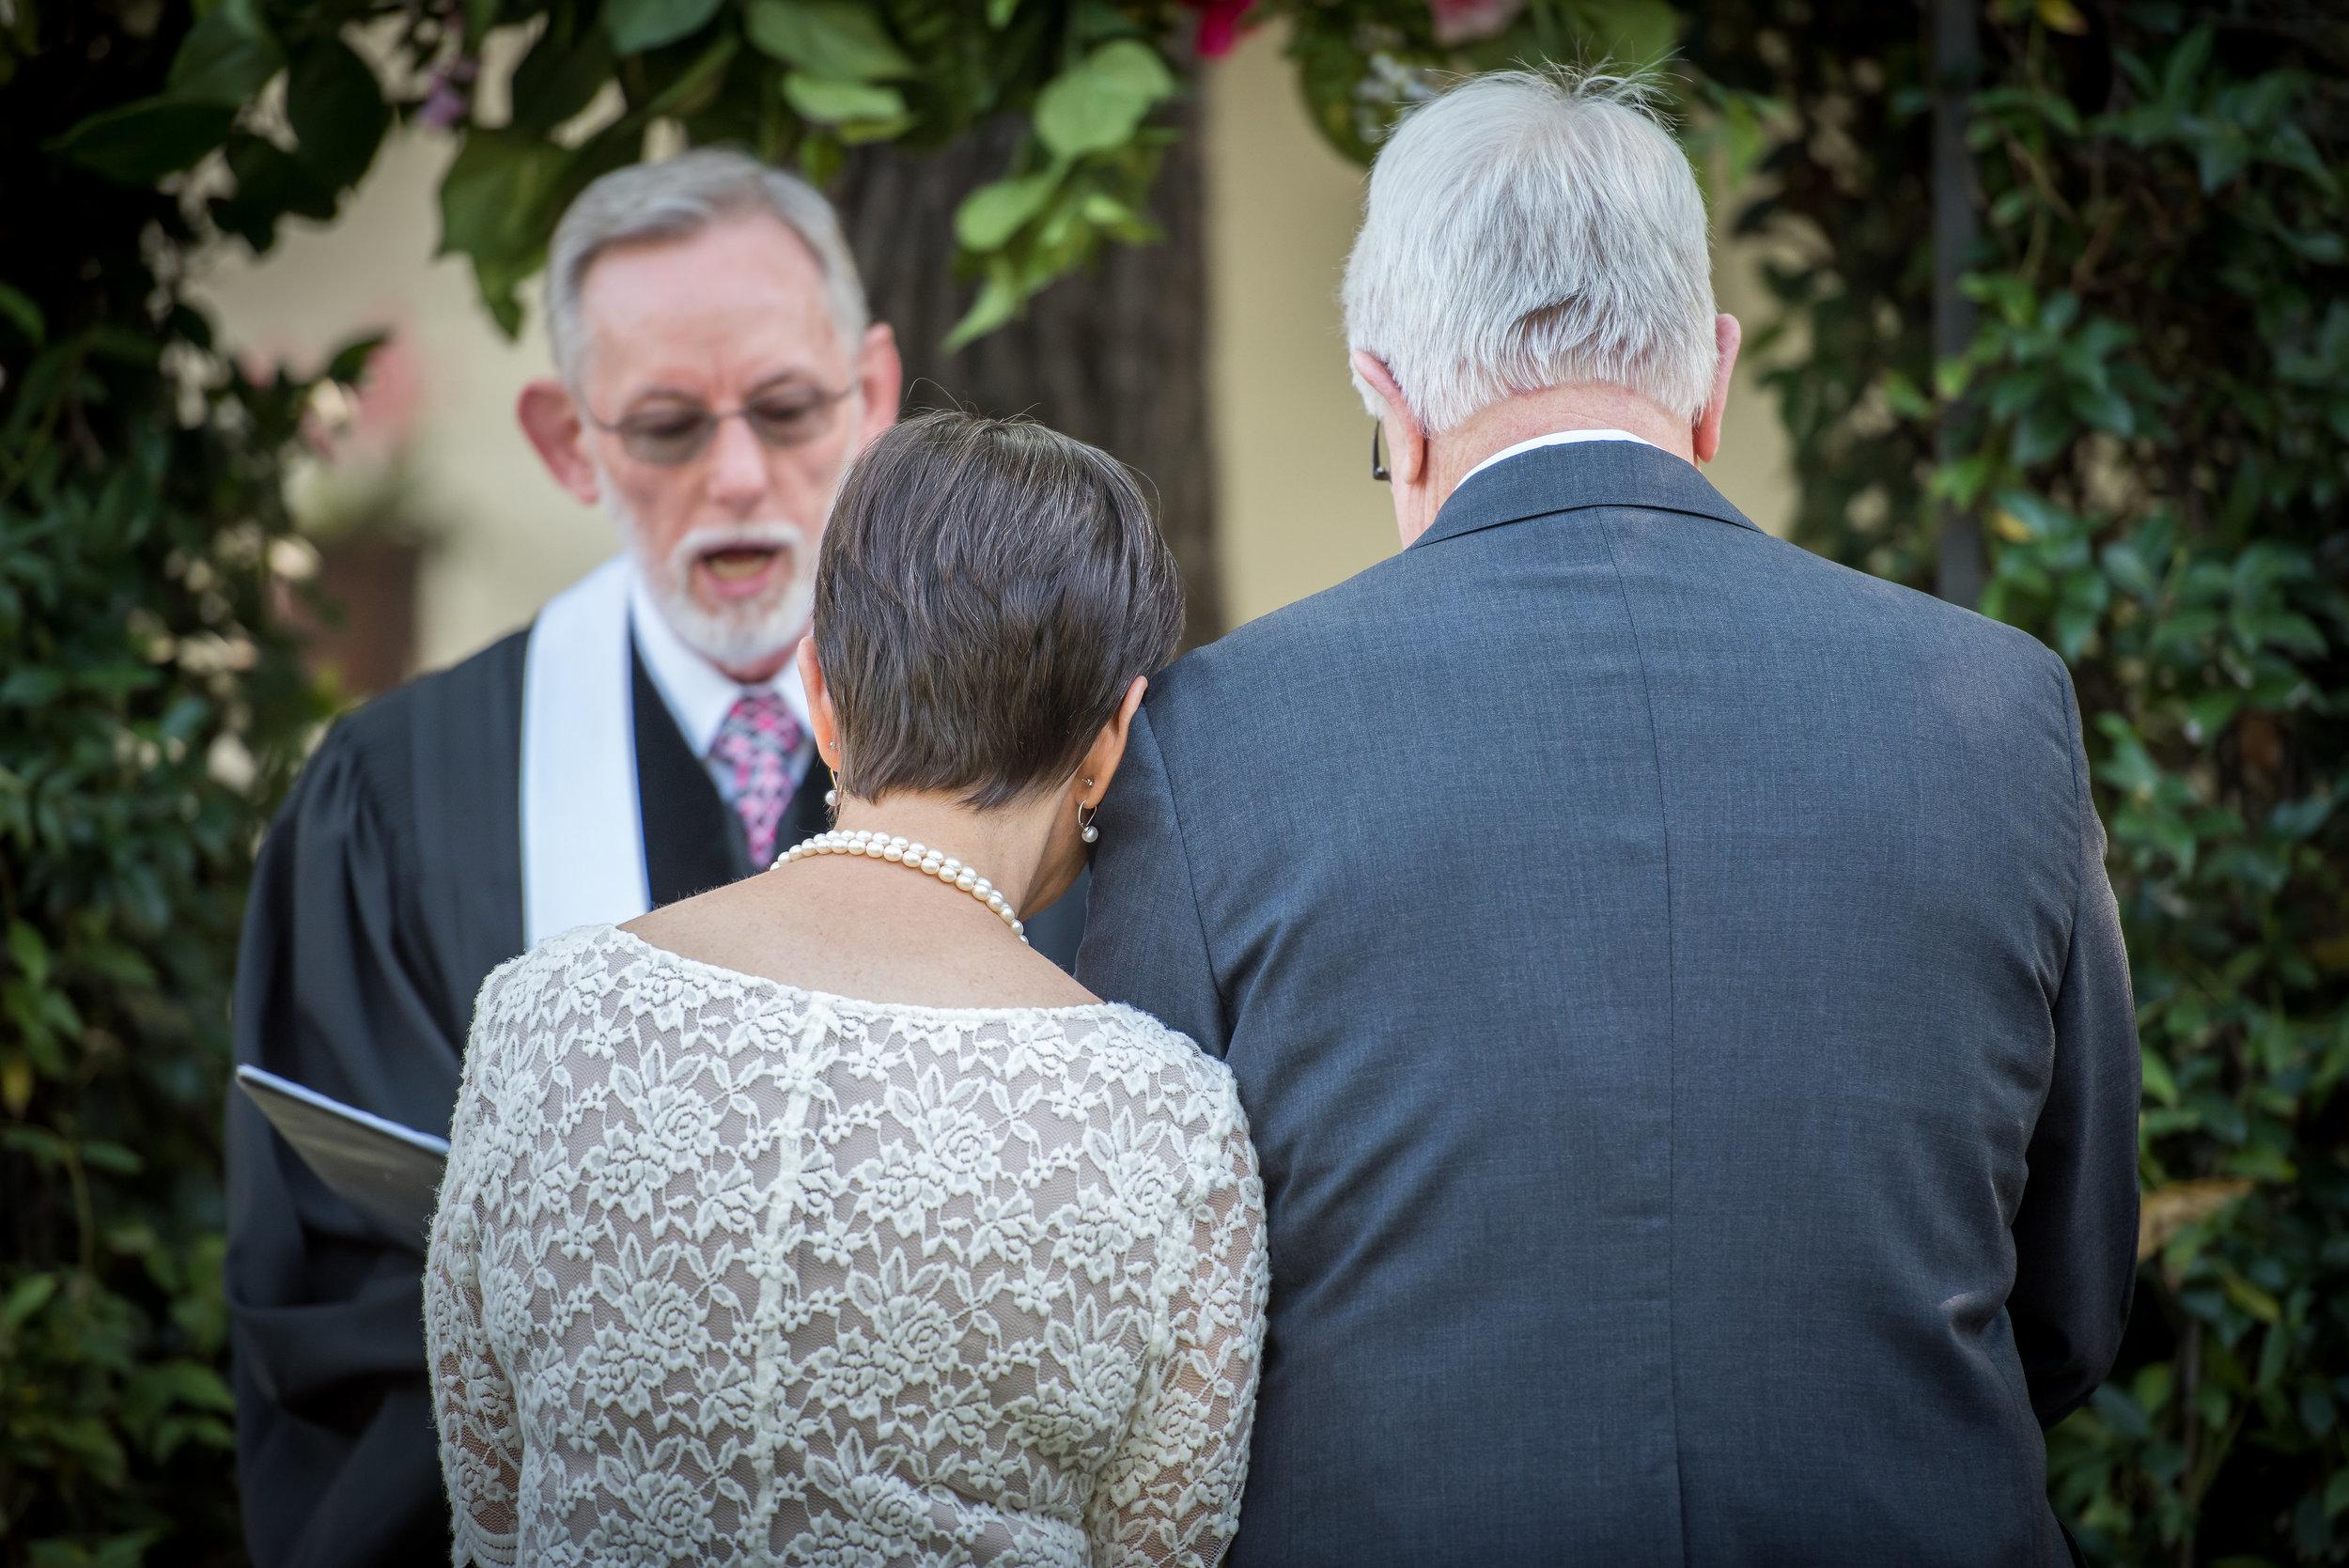 HarryandMelanie-Wedding Vows in Raleighjpg.jpg